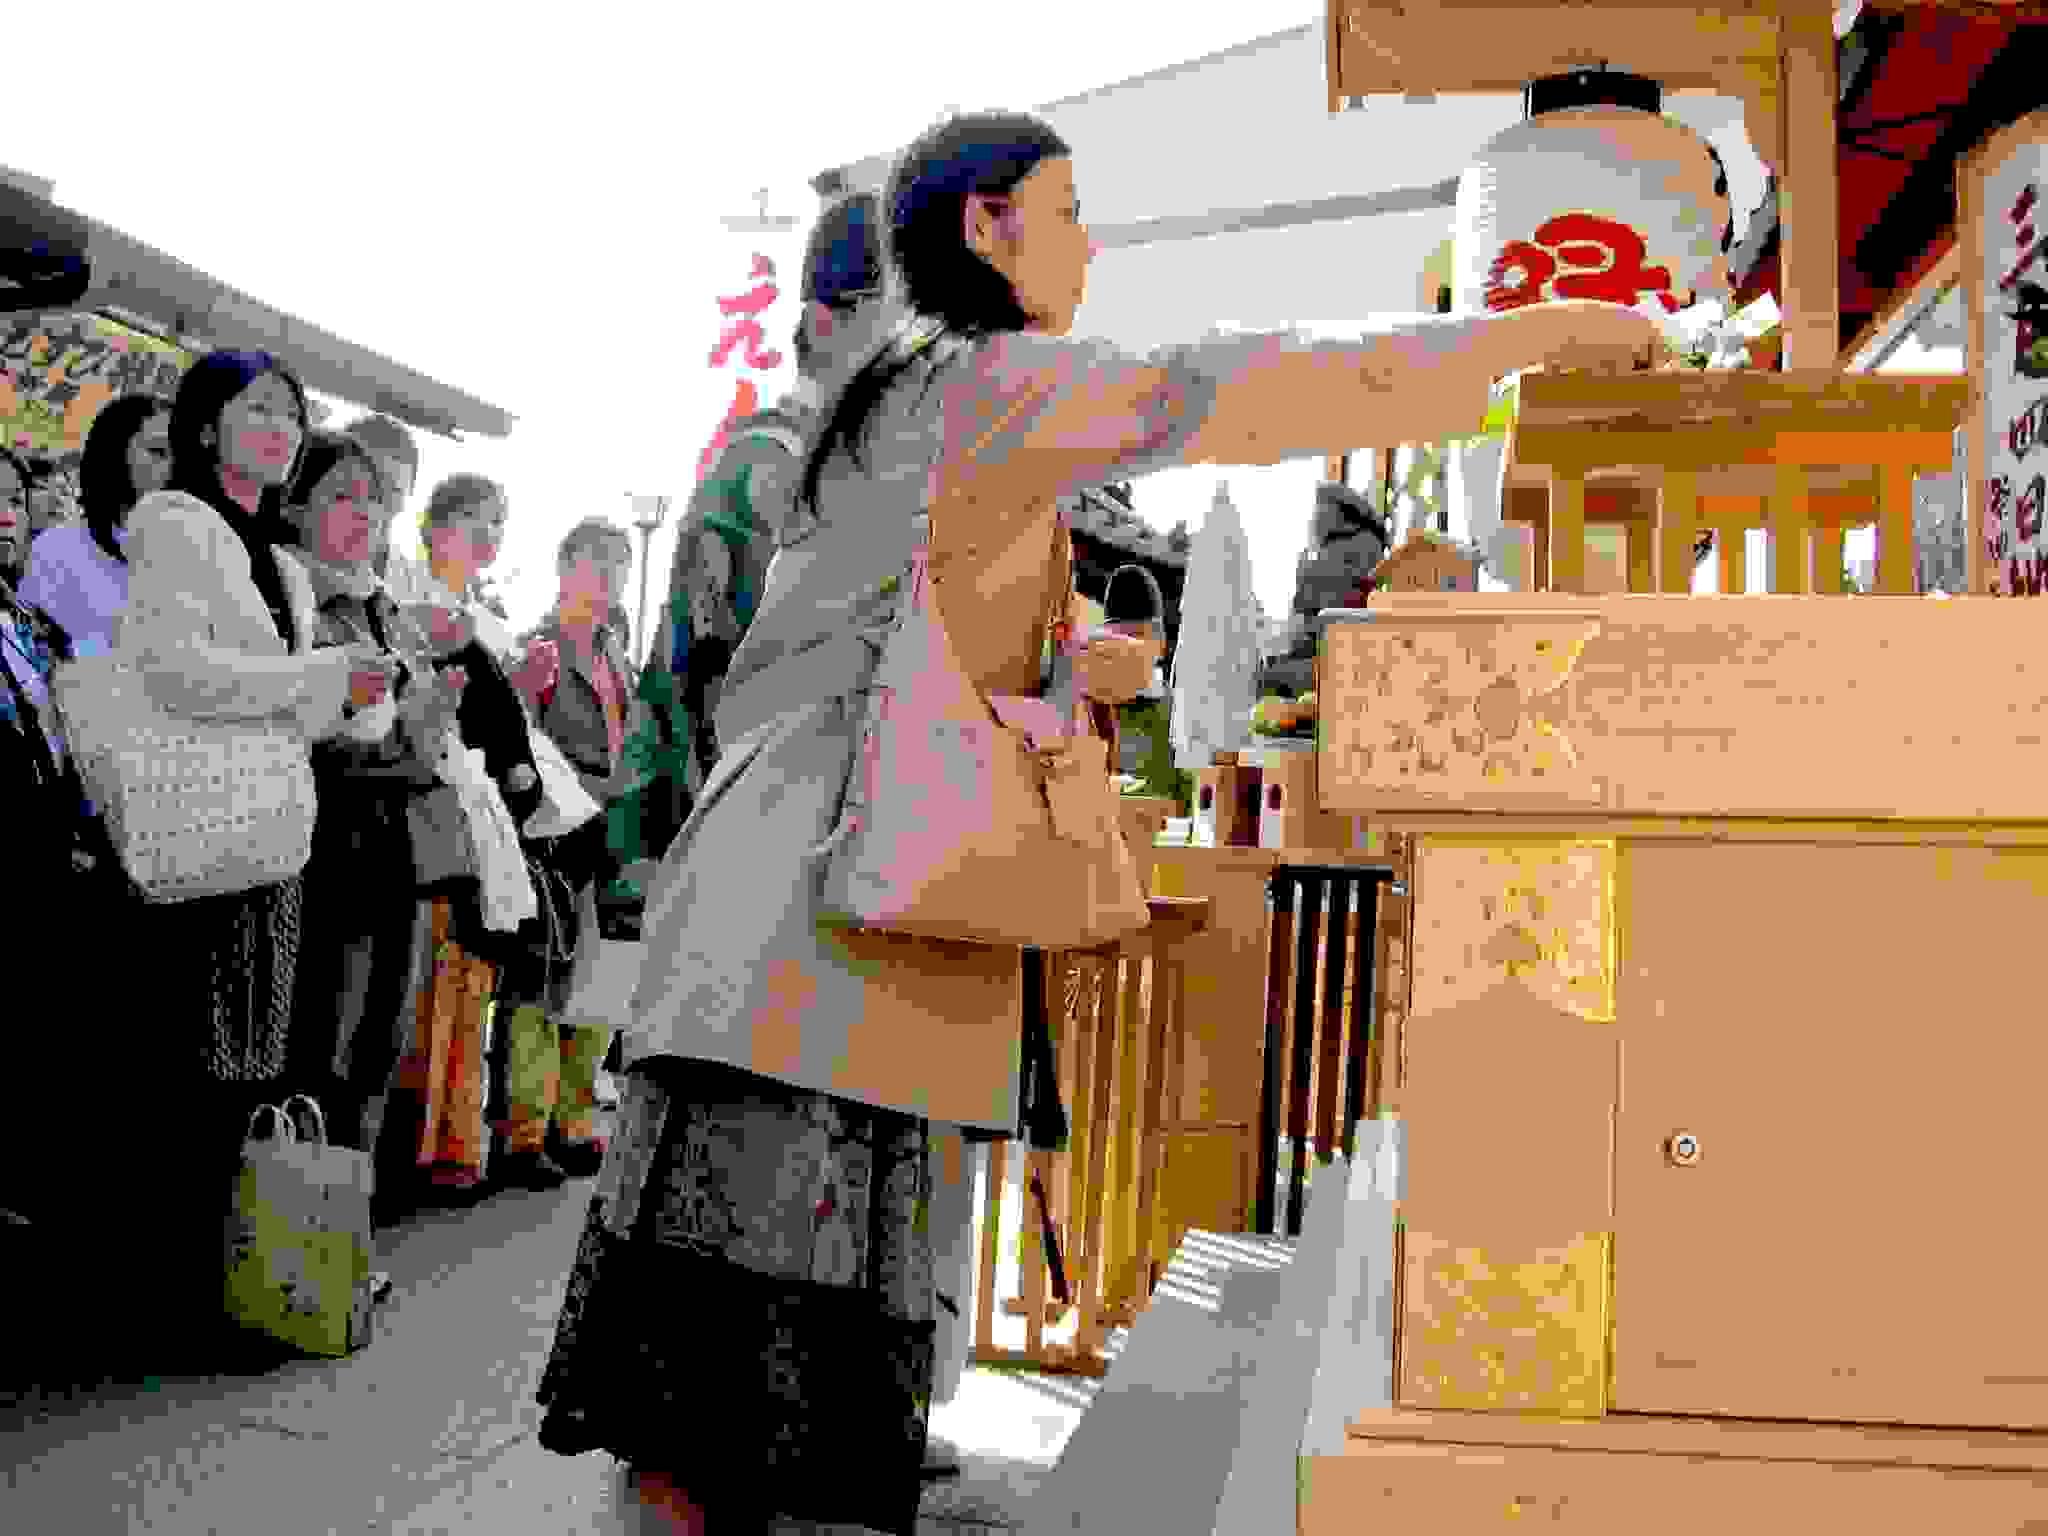 えんむすび地主祭り 玉串拝礼